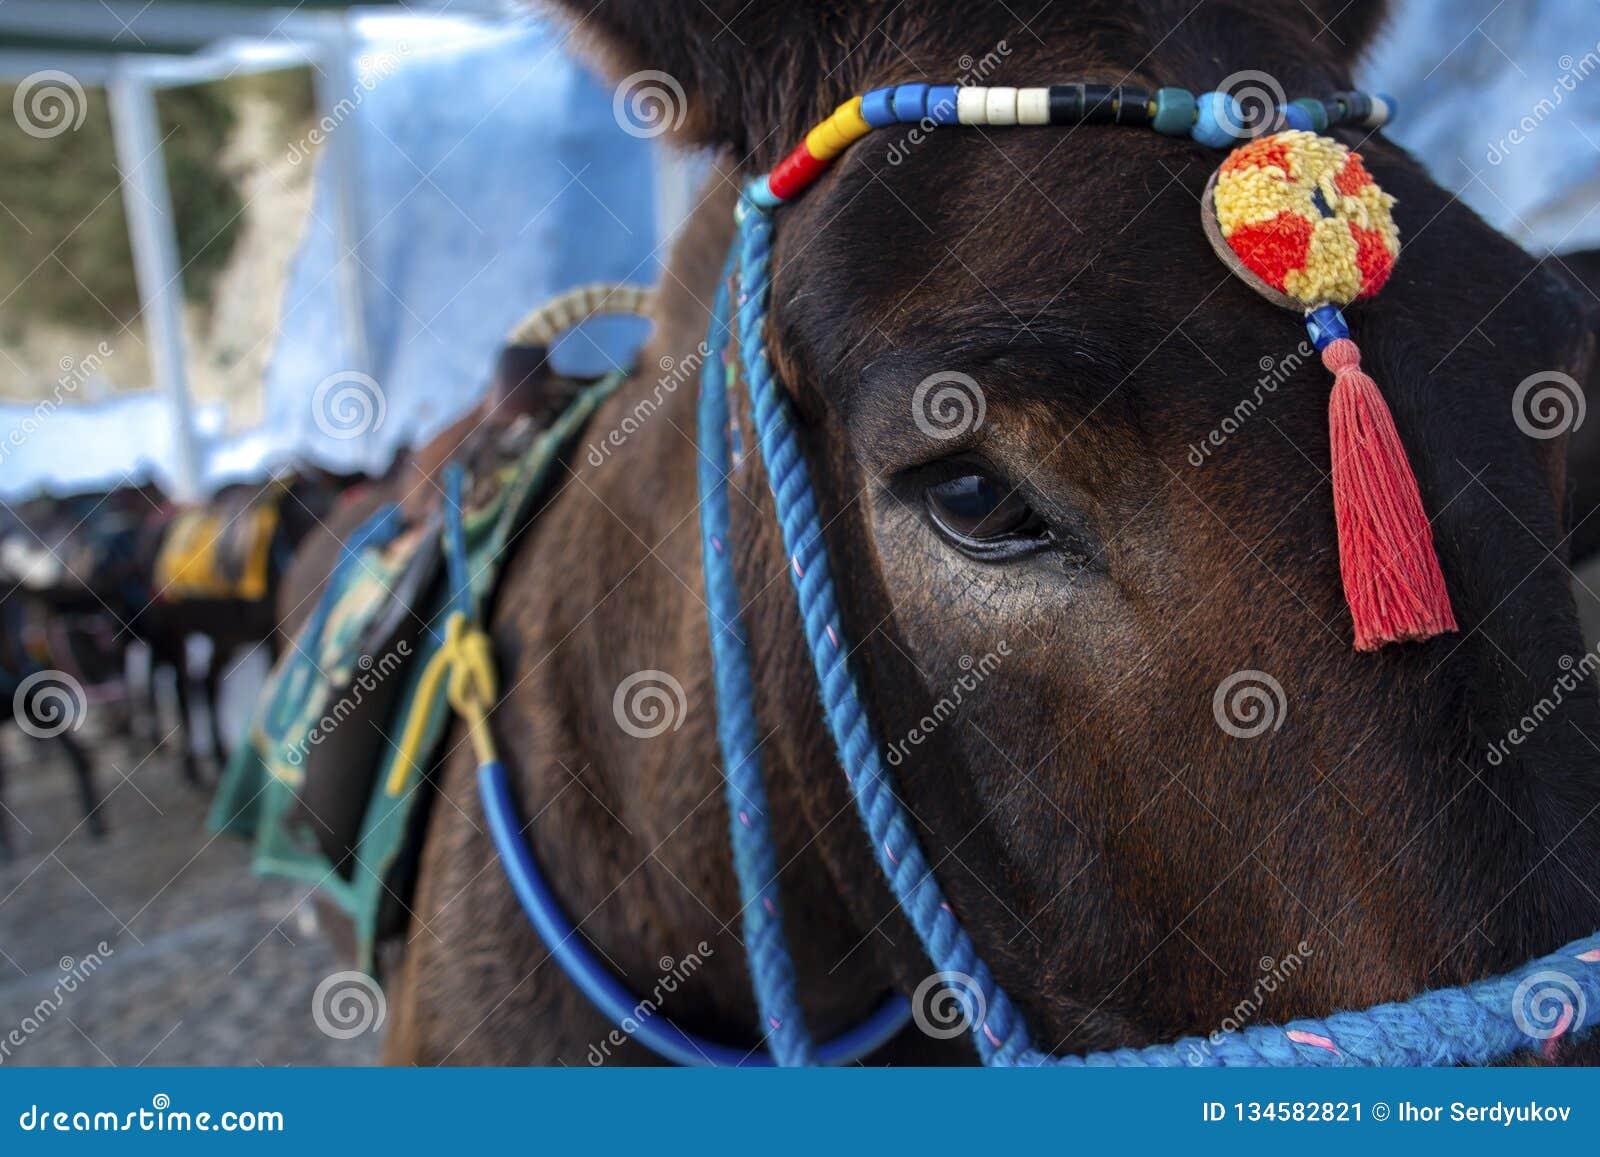 Santorini-Esel - Symbol der Insel Santorini, Thira, Griechenland Esel in Fira auf Santorini im ägäischen Traditioneller Grieche